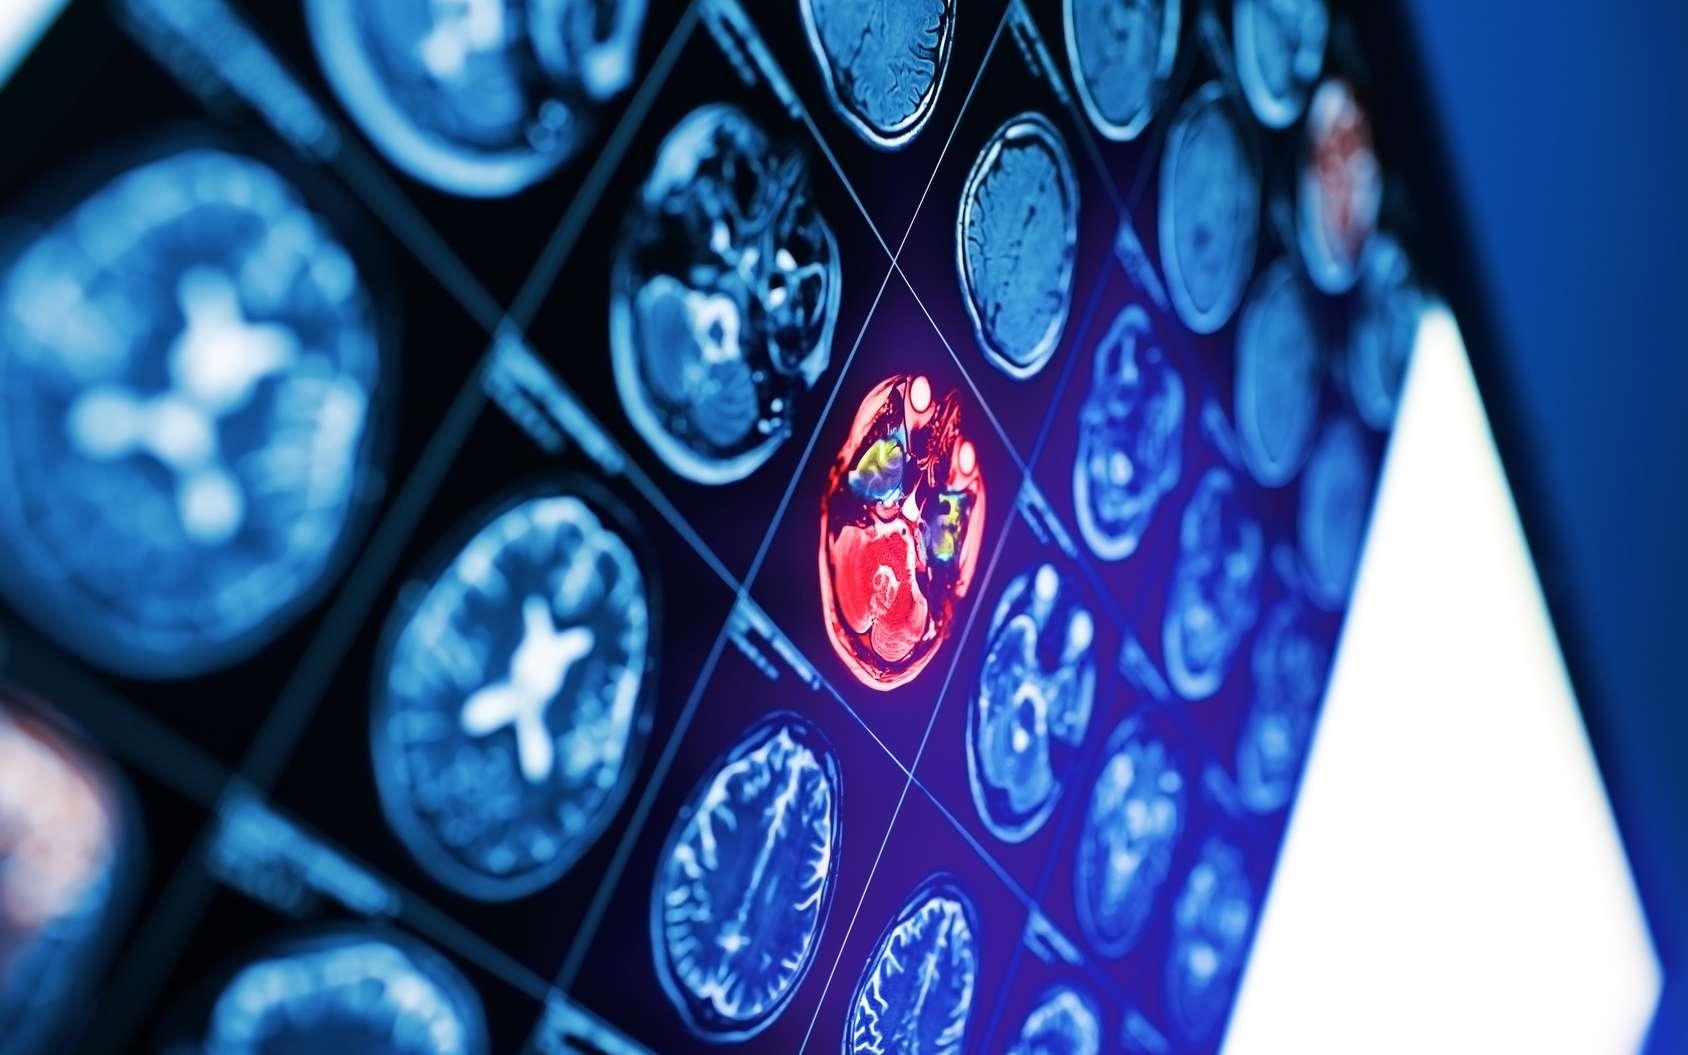 Le cerveau des femmes resterait plus jeune que celui des hommes, du point de vue du métabolisme. © sudok1, Fotolia